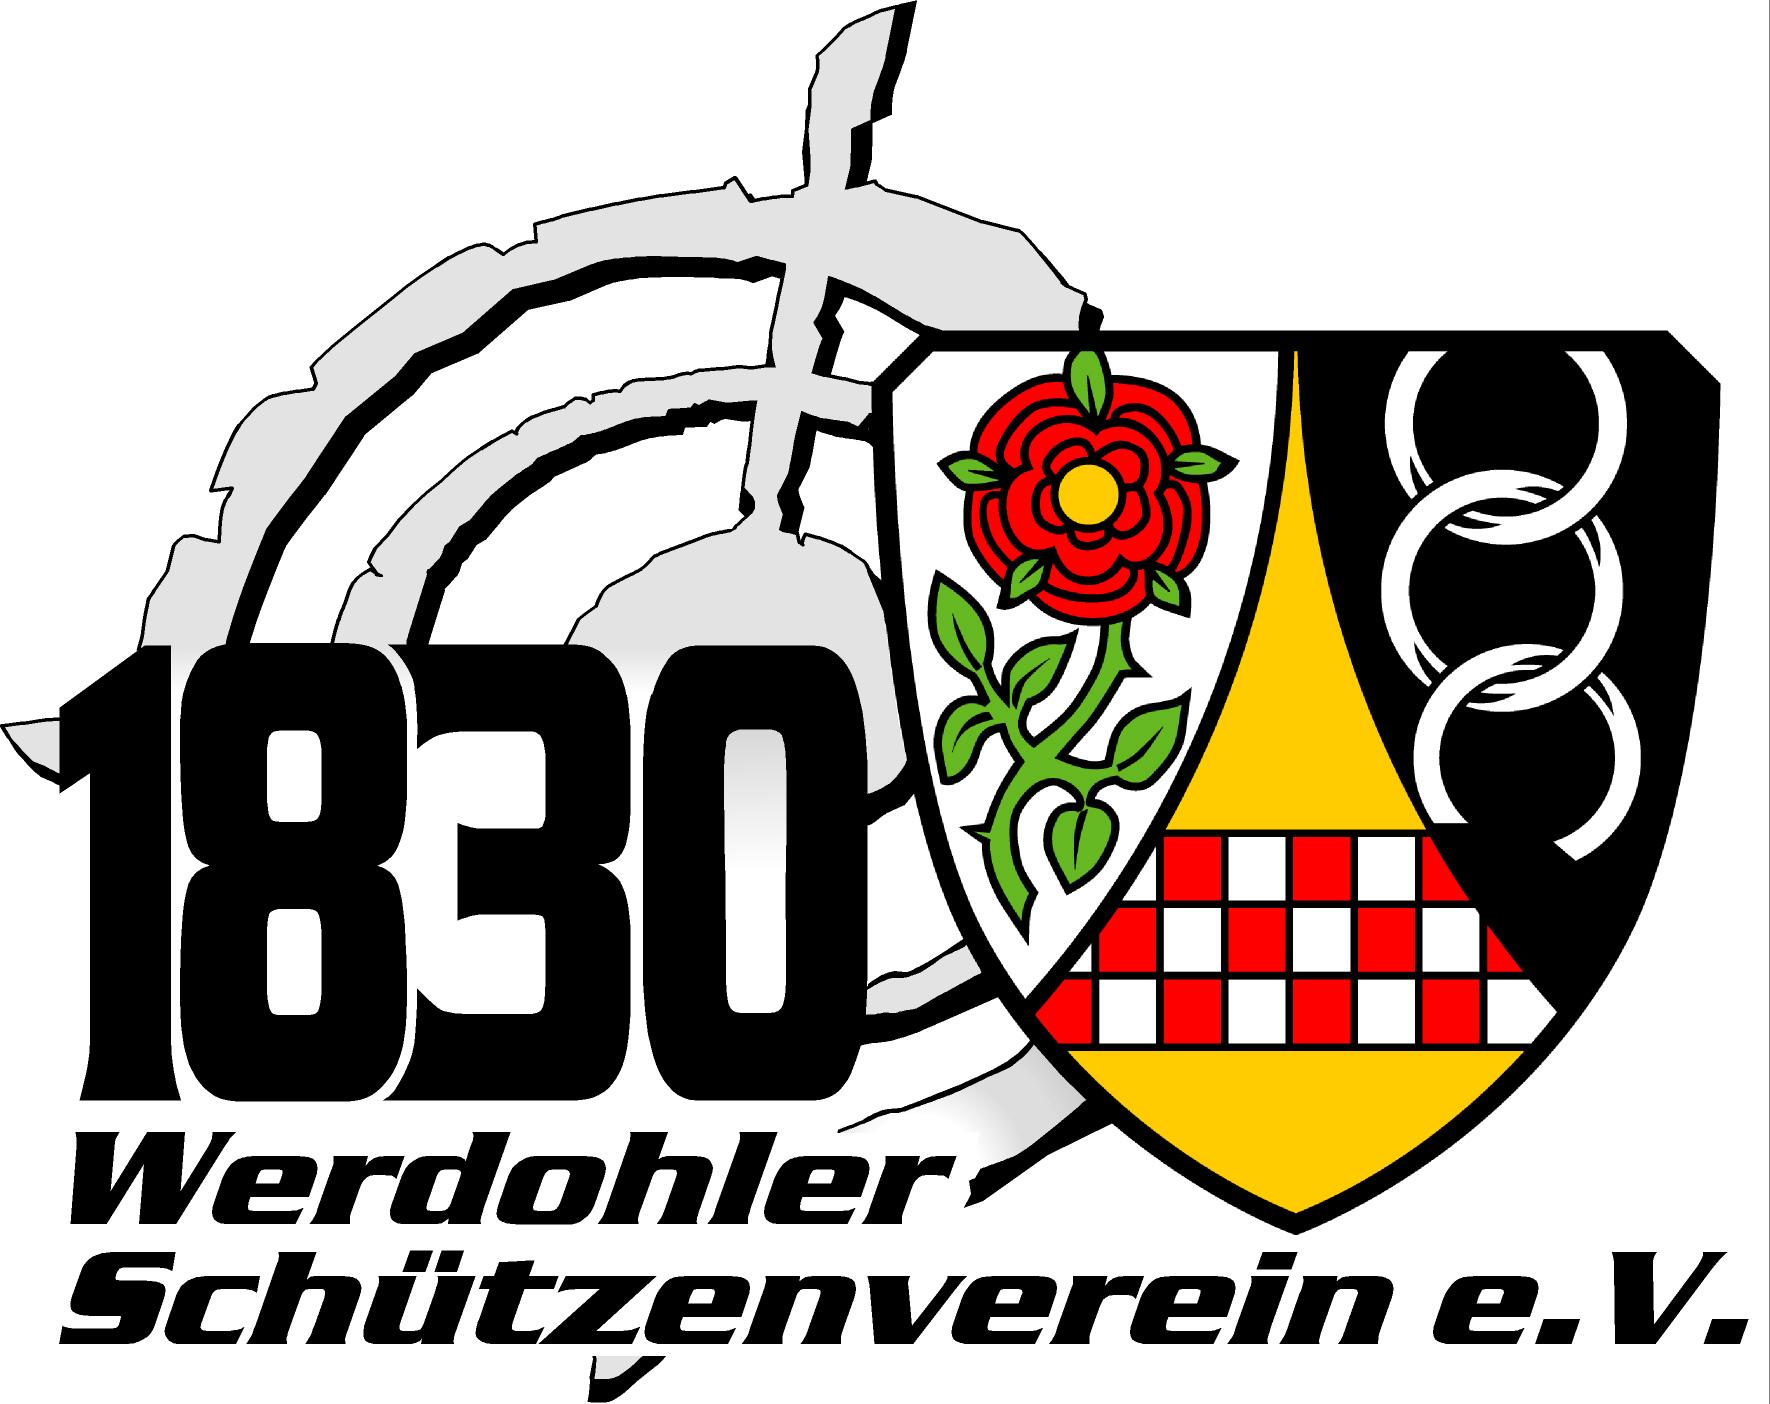 Werdohler Schützenverein von 1830 e.V.